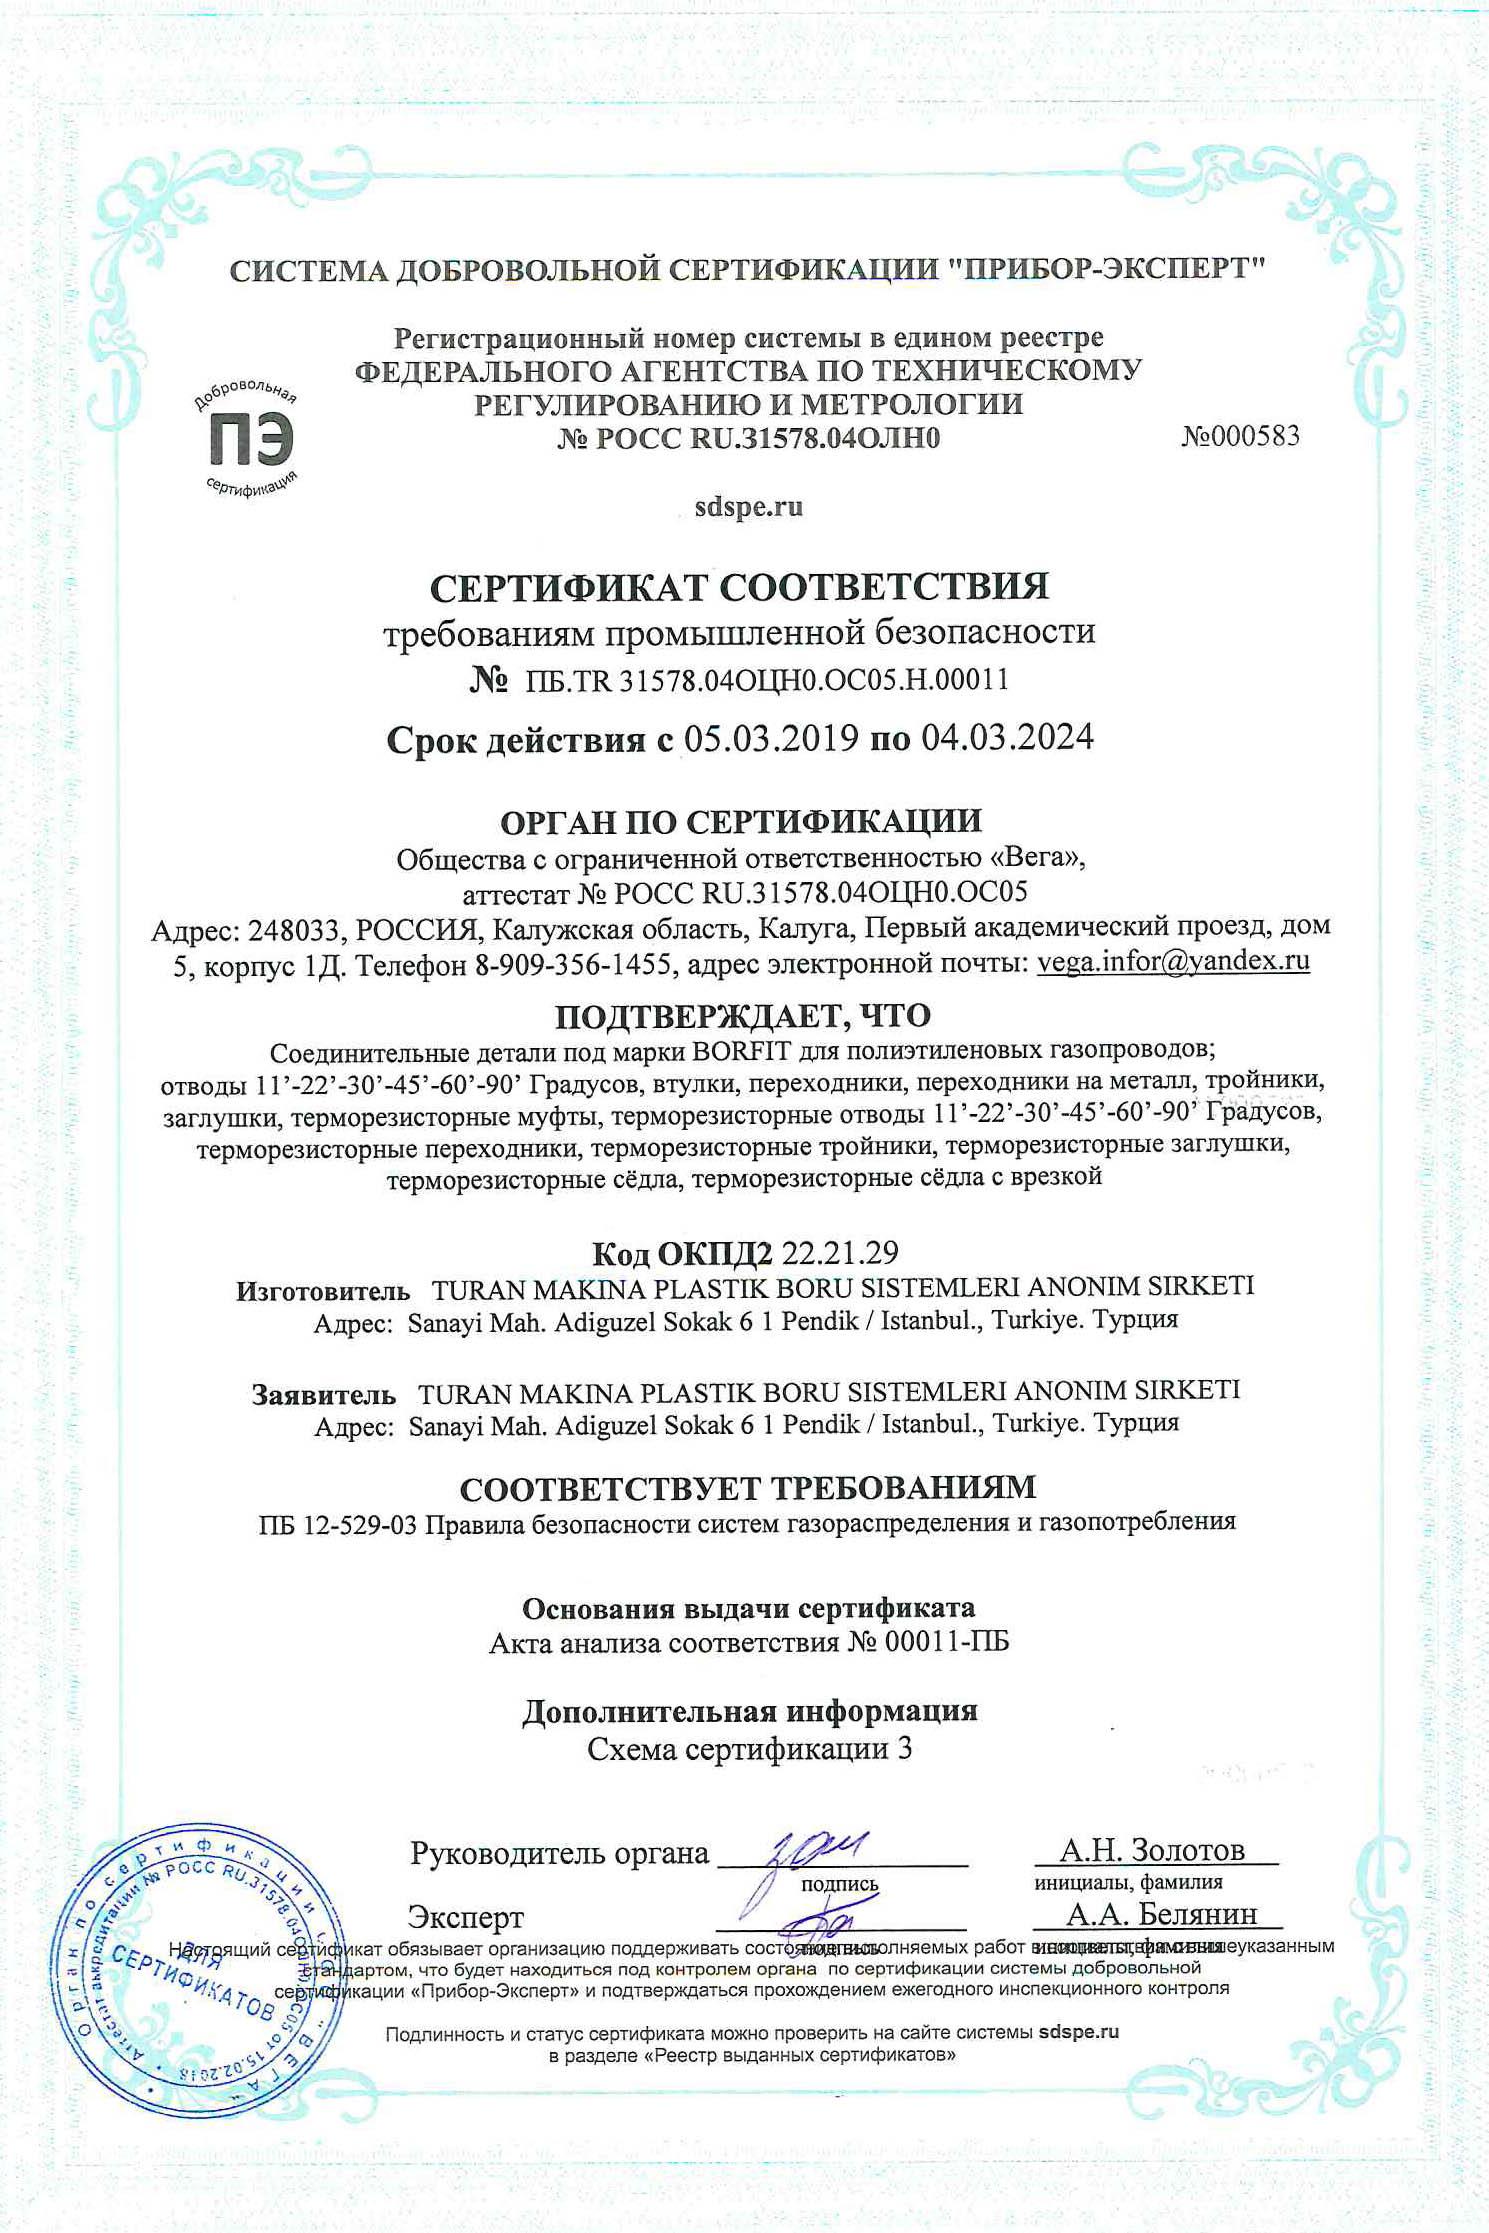 Сертификат соответствия правил безопасности систем газораспределения и газопотребления